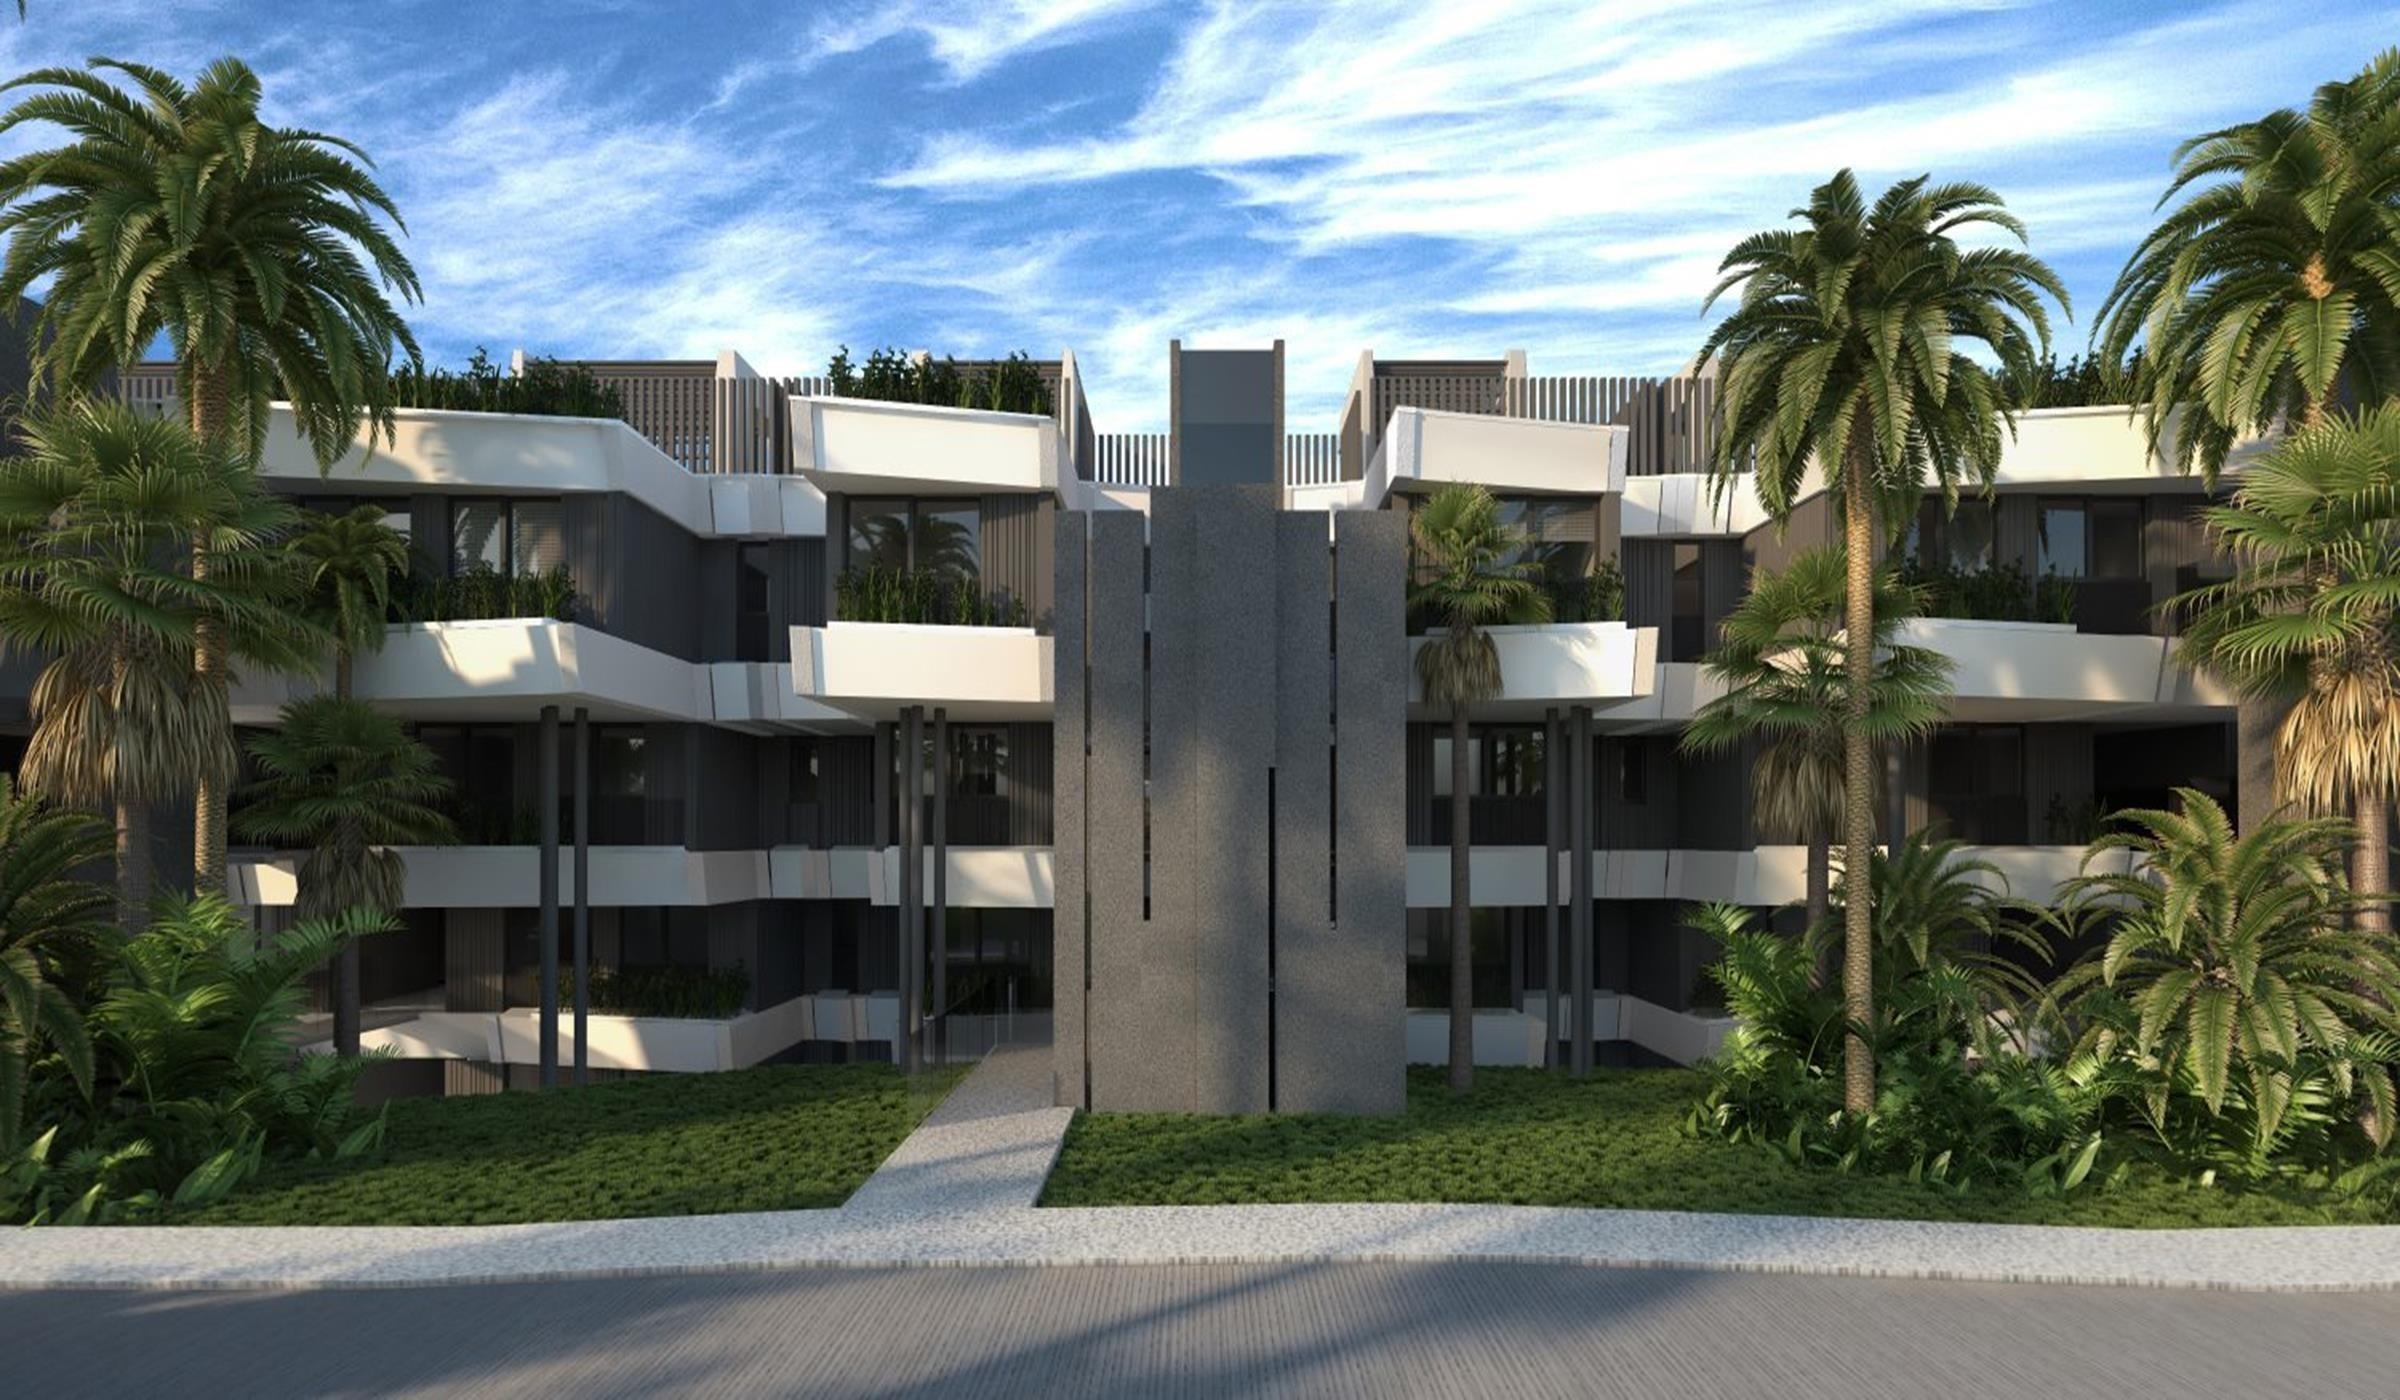 Nuevo complejo de viviendas entre Marbella y Estepona.